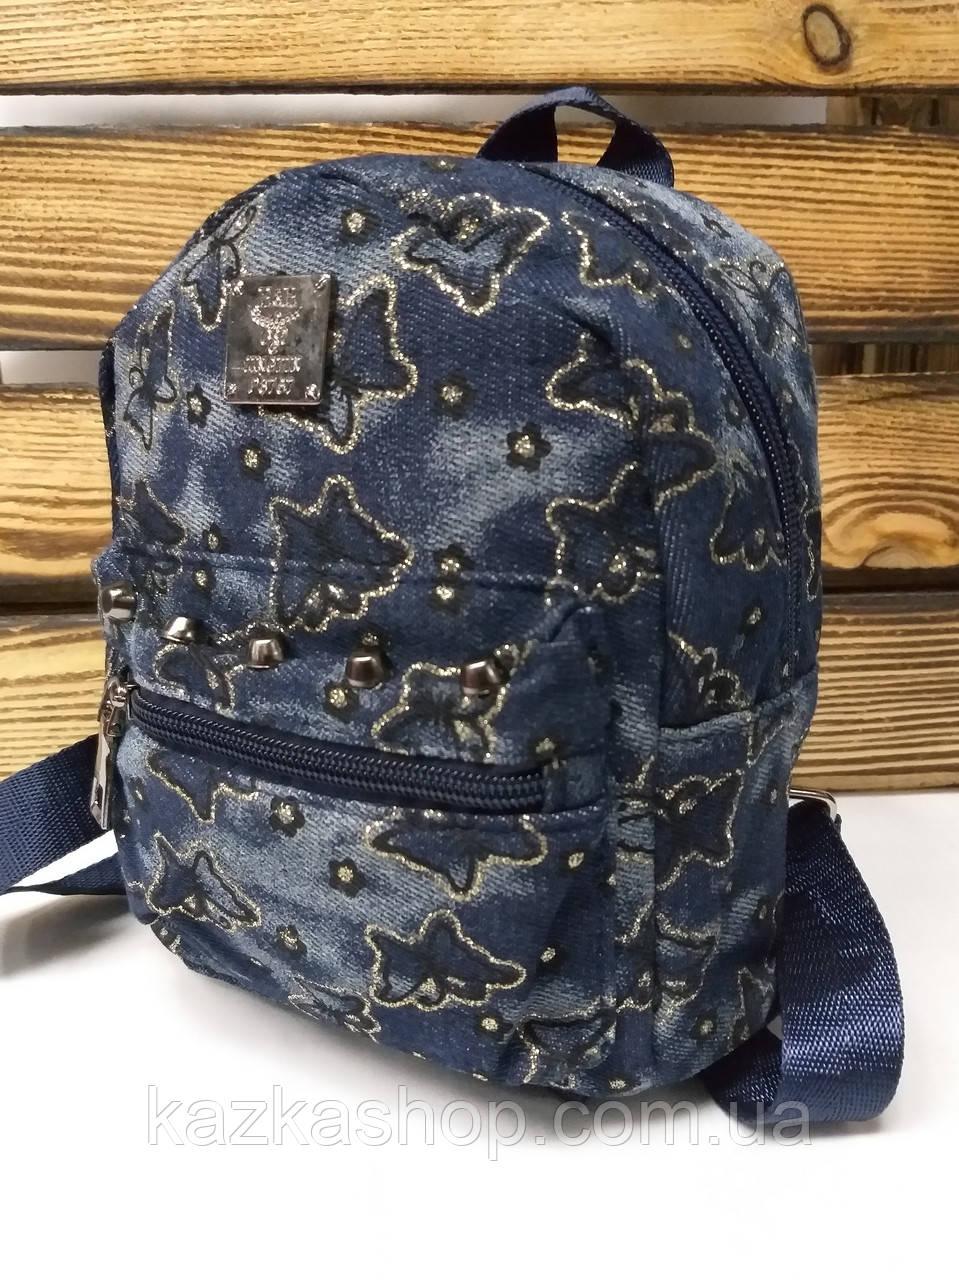 Маленький тканевой рюкзачок с дополнительным карманом, материал джинс